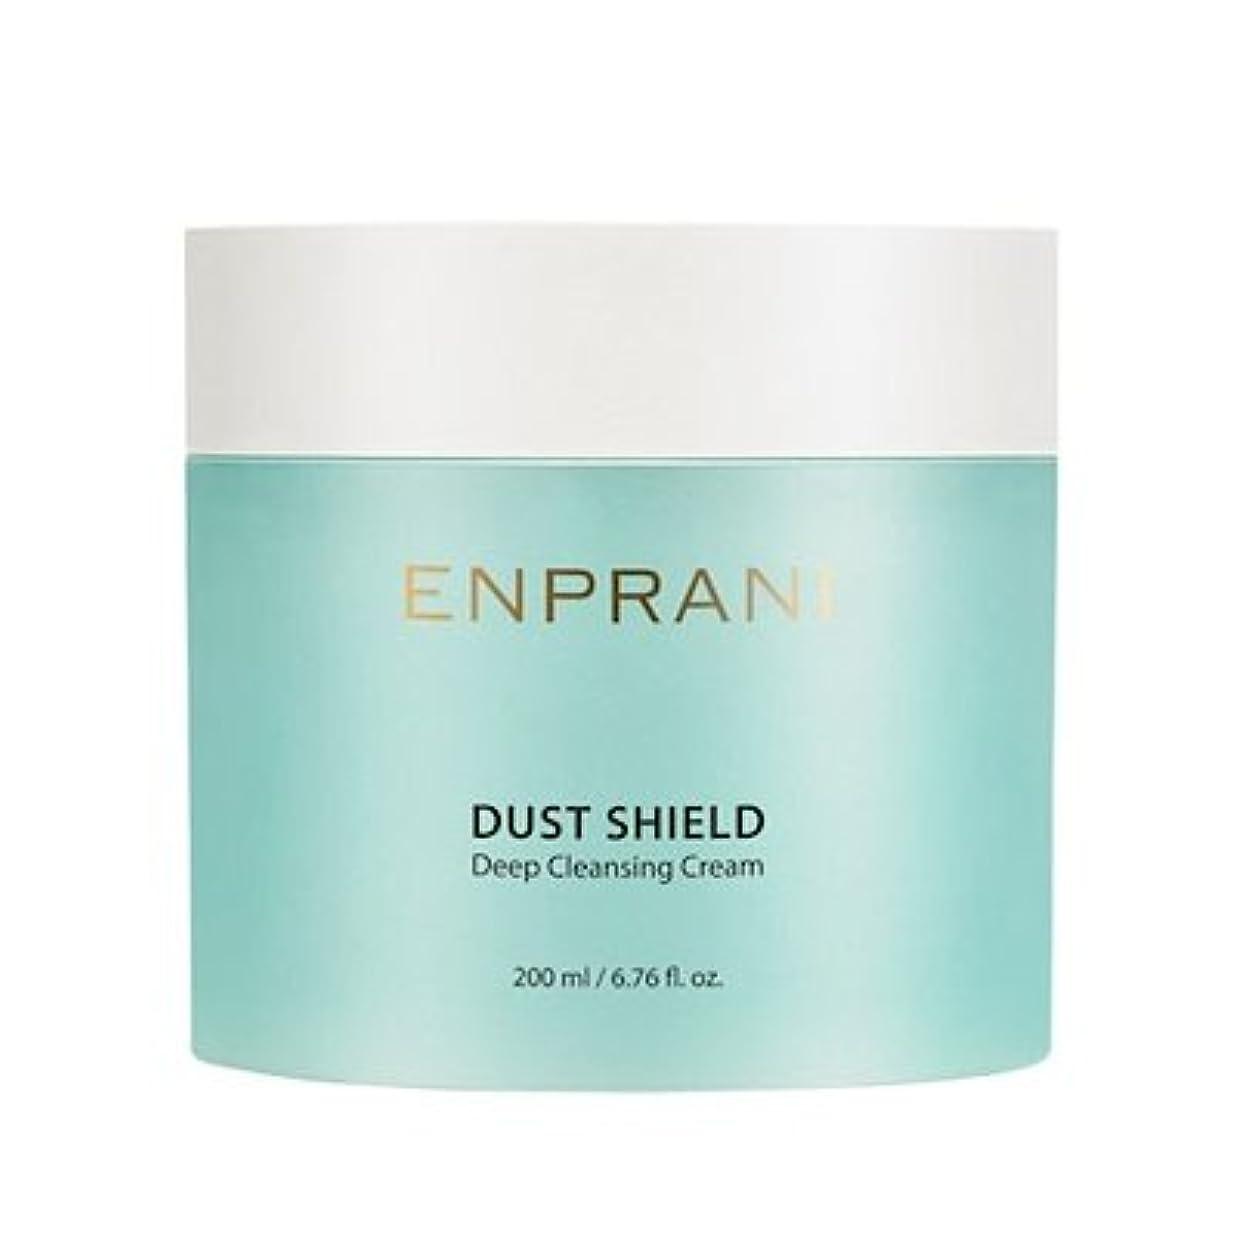 マイルストーンスノーケル余分なENPRANI Dust Shield Deep Cleansing Cream エンプラニ ダストシールドディープクレンジングクリーム200ml [並行輸入品]